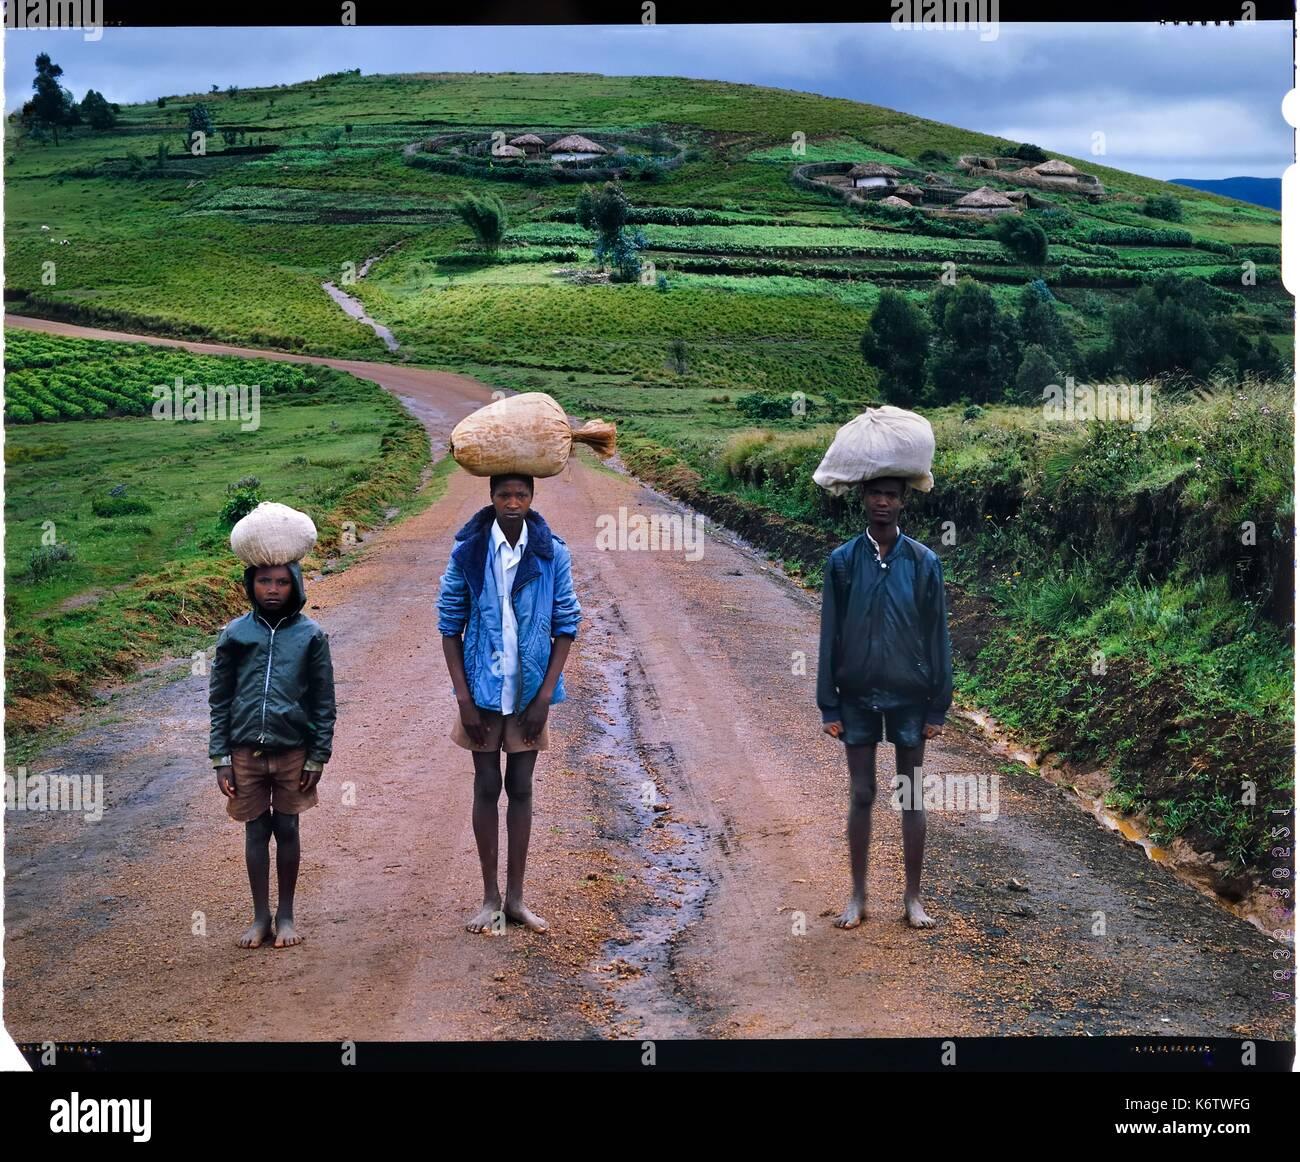 Burundi, Bujumbura Provinz, Ijenda, Ijenda Rugos auf Hügeln, die das Dorf Struktur ist eine koloniale Ansaug- und Burundier (die überwiegende Mehrheit der Arbeitskräfte sind in der Landwirtschaft) bis vor kurzem in einer Familie namens rugo in der Regel installiert auf halber Höhe rund um die Hügel und in der Mitte des Eigentums lebte, es eignet sich für die Zucht mit ein Platz für Tiere und Fechten nicht nur als Schutz sondern auch für die Familie Zusammenhalt und Park Tiere für die Nacht (4 x 5 Umkehr film Reproduktion) Stockbild